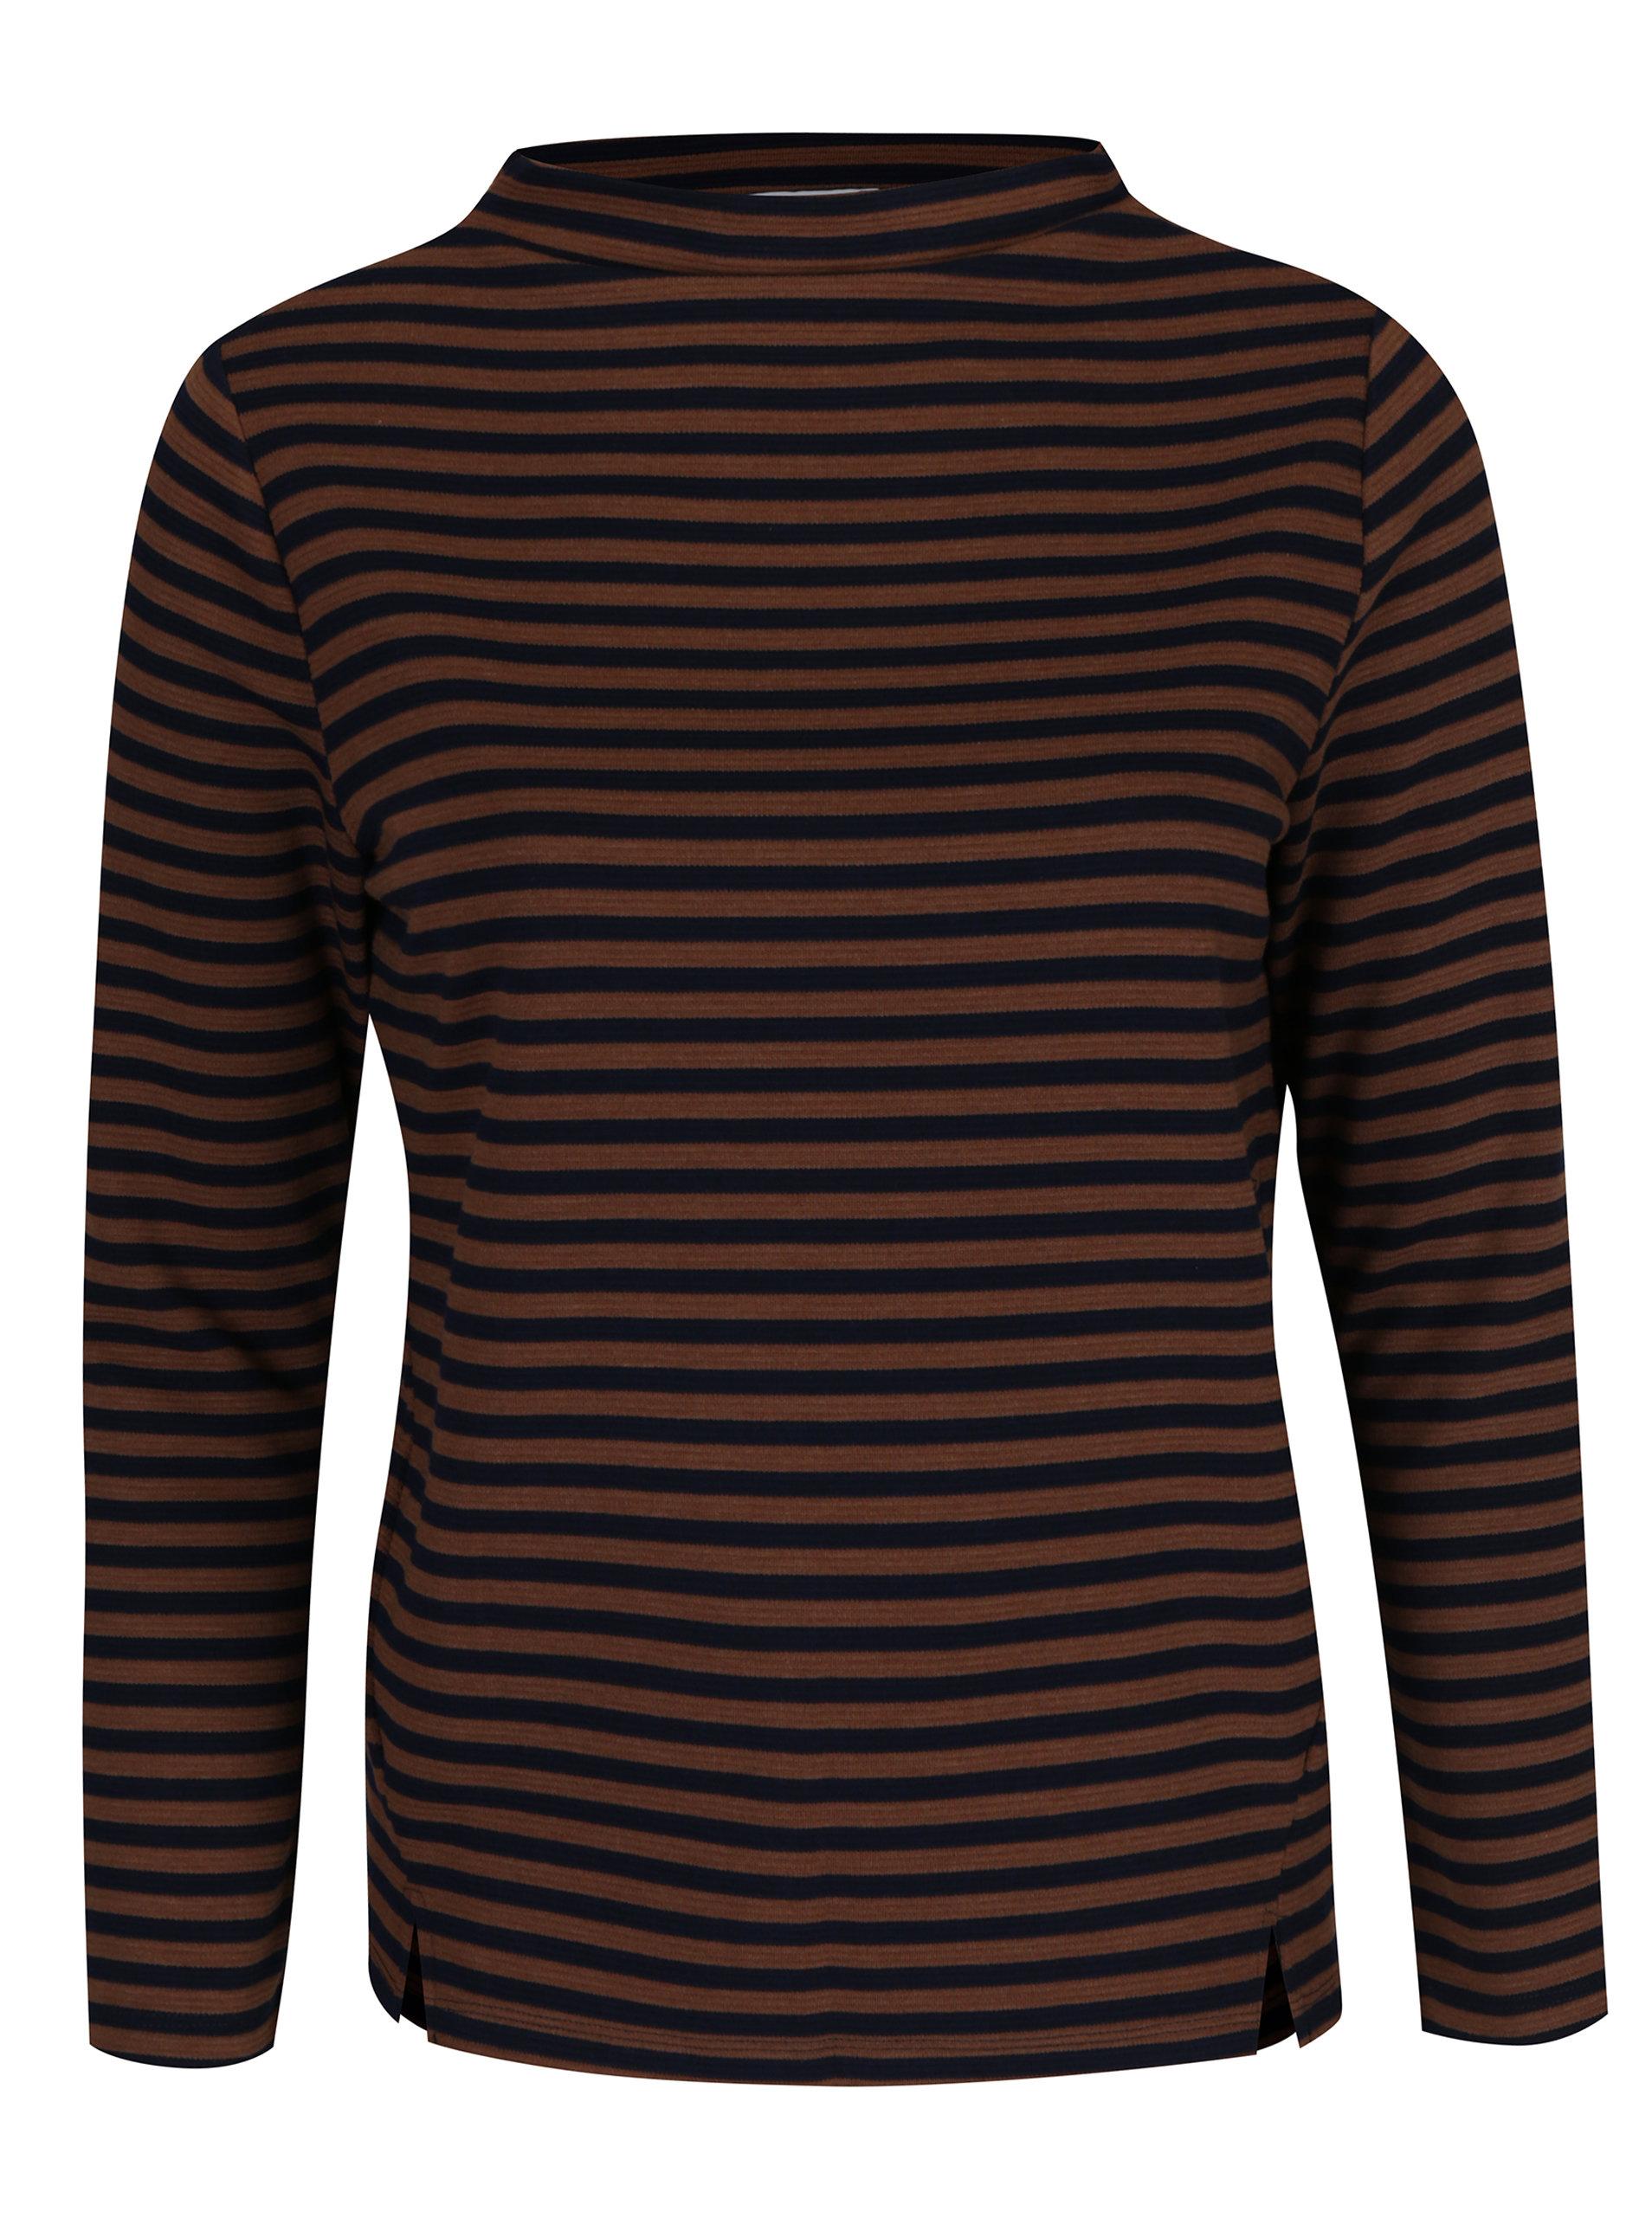 e378de1301e5 Modro-hnedé pruhované tričko s dlhým rukávom Gina Laura ...